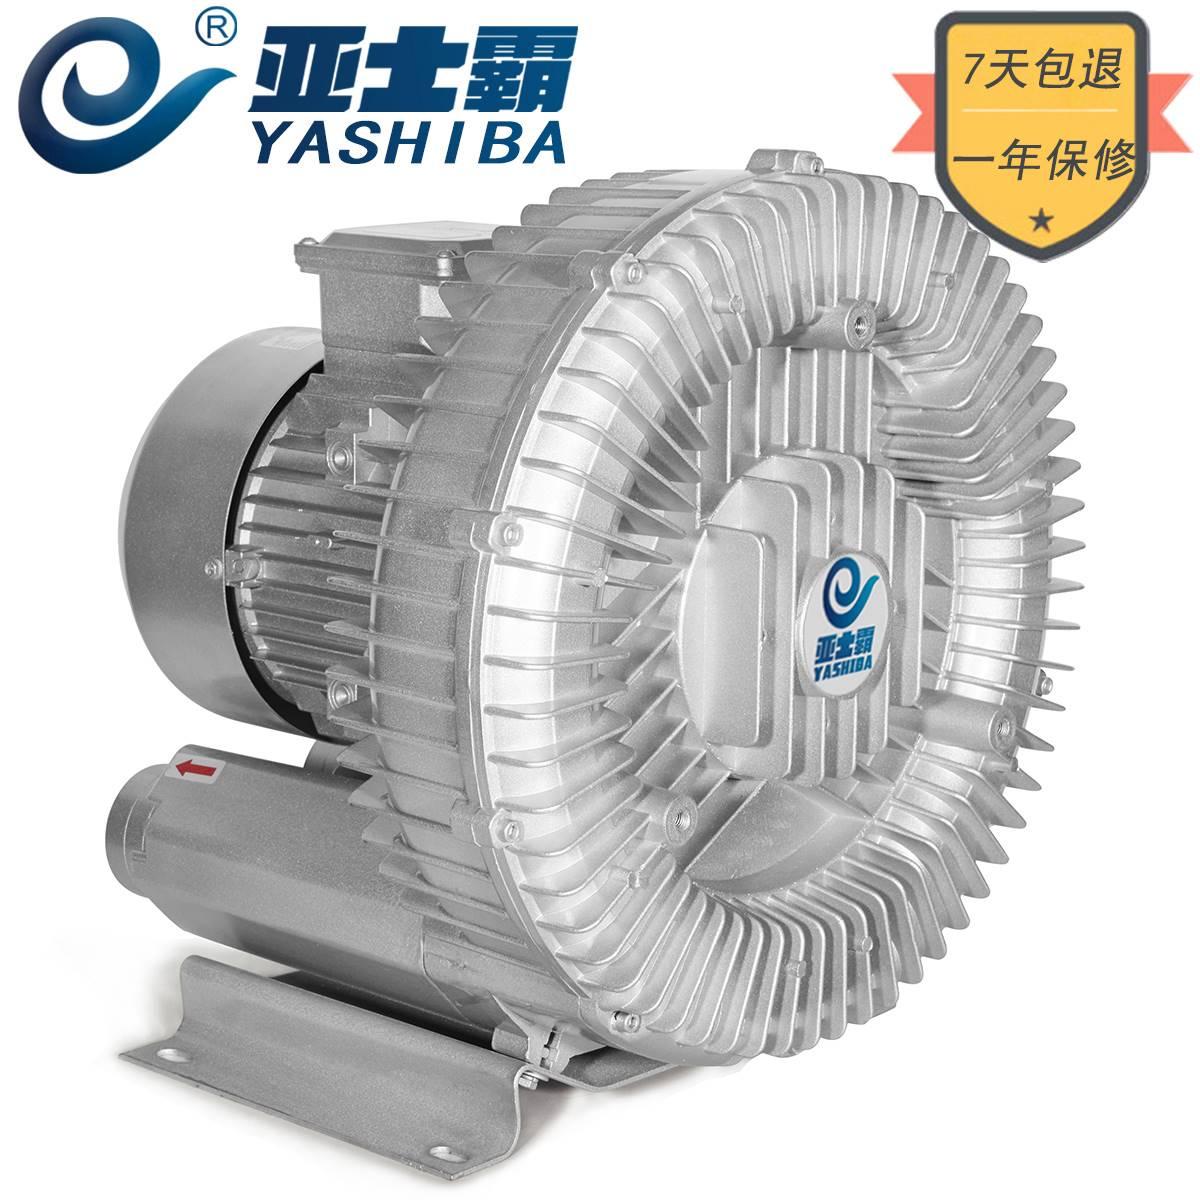 浙江亚士霸风机高压旋涡气泵增氧机